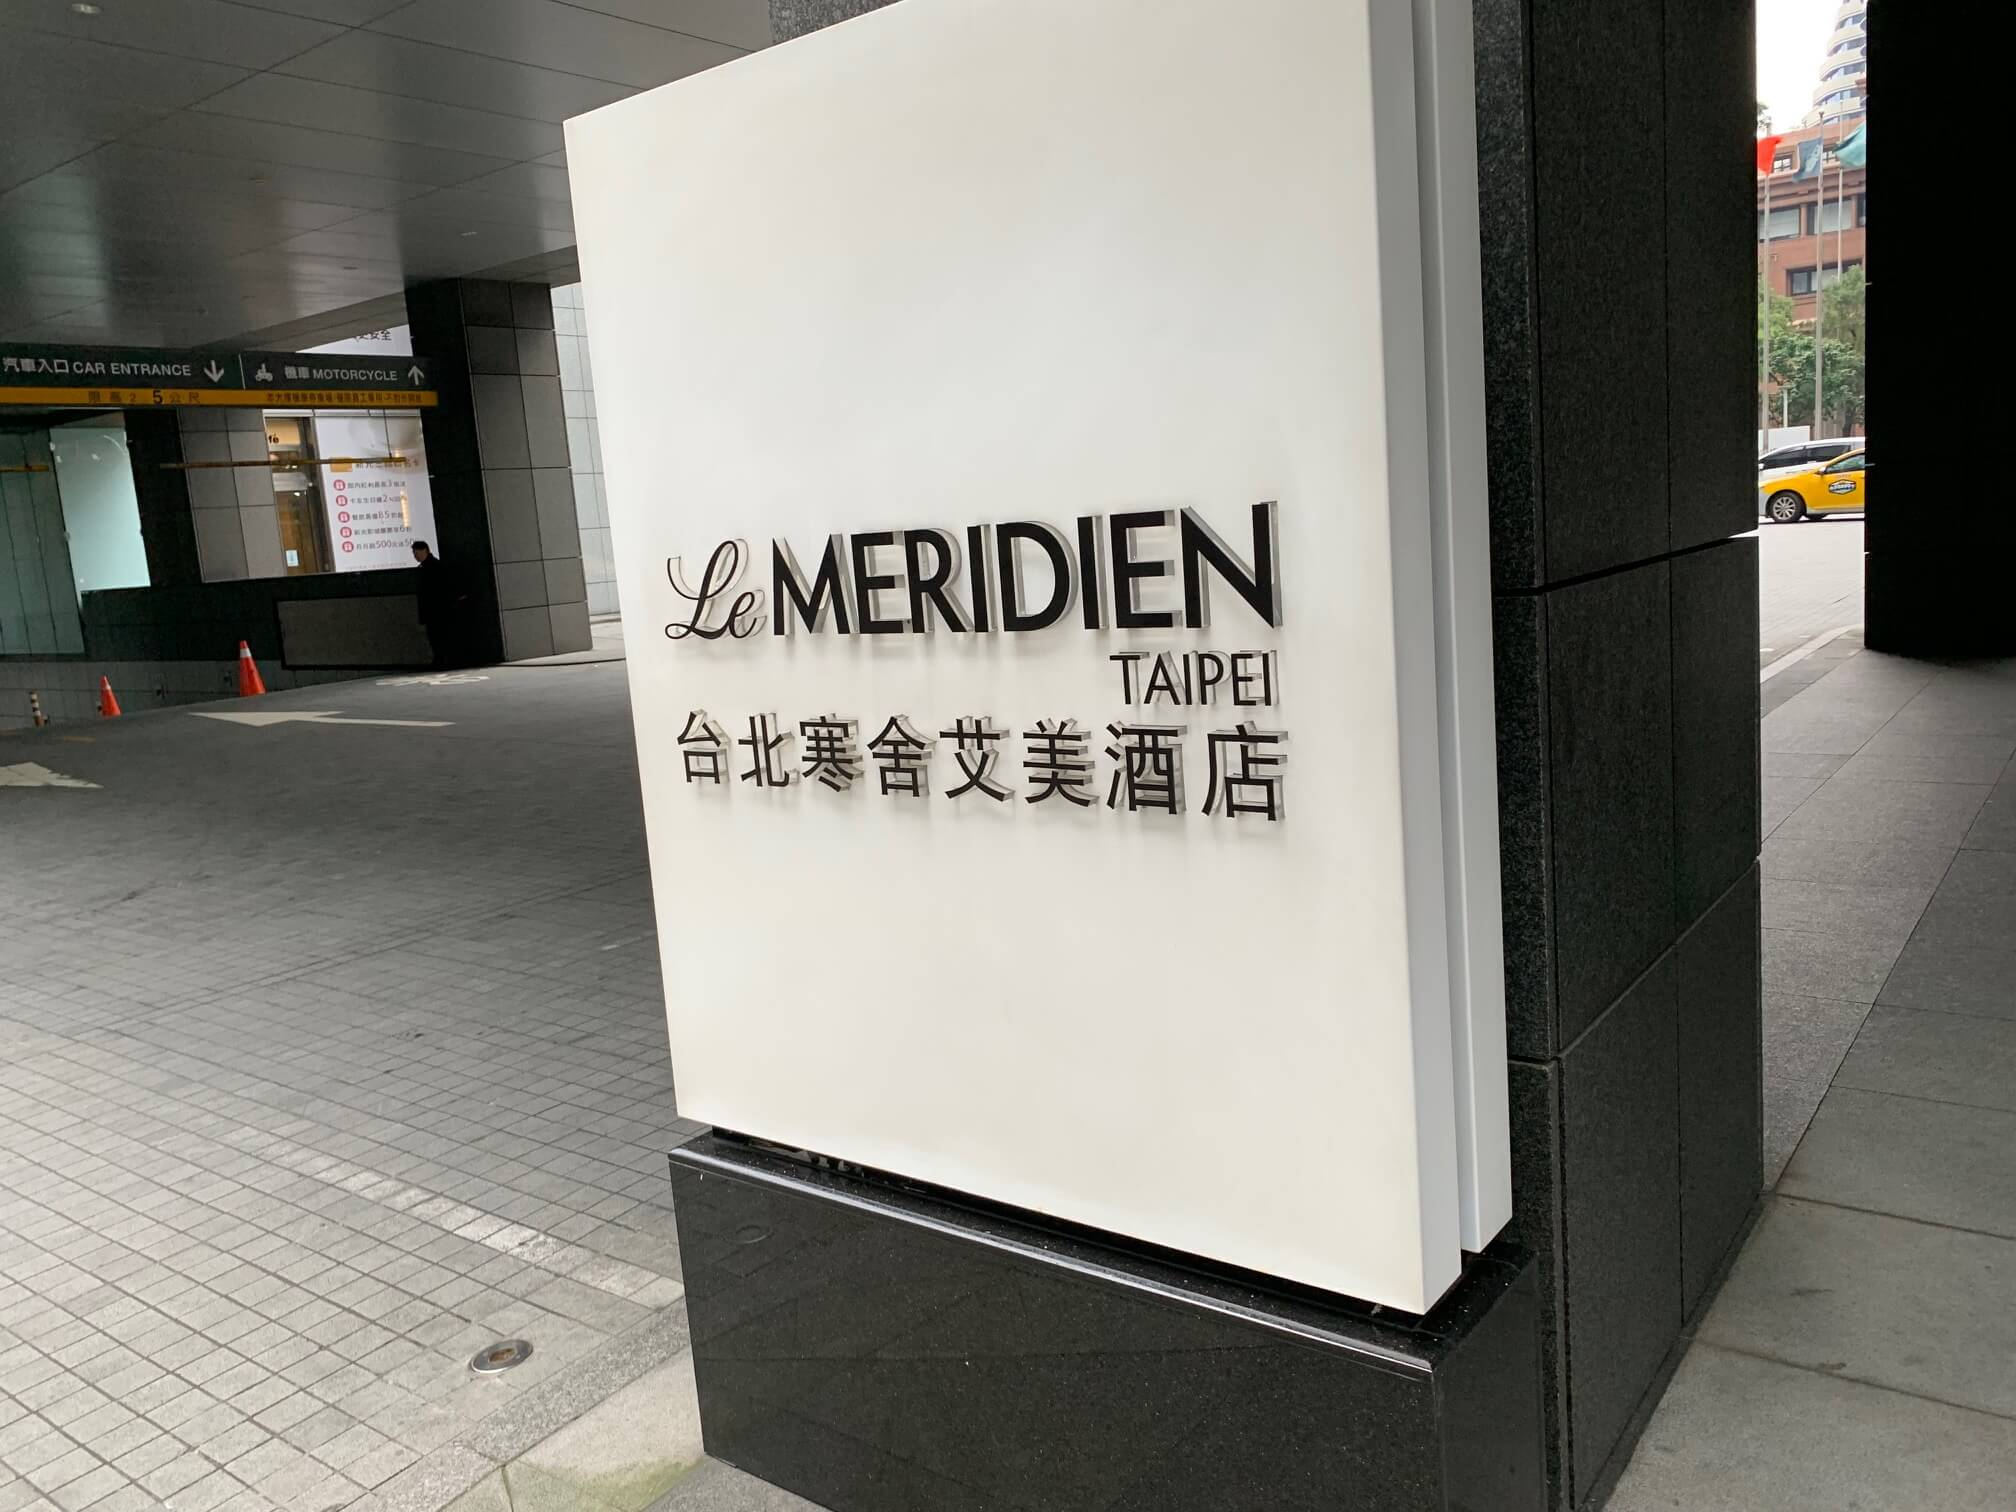 ル メリディアン 台北